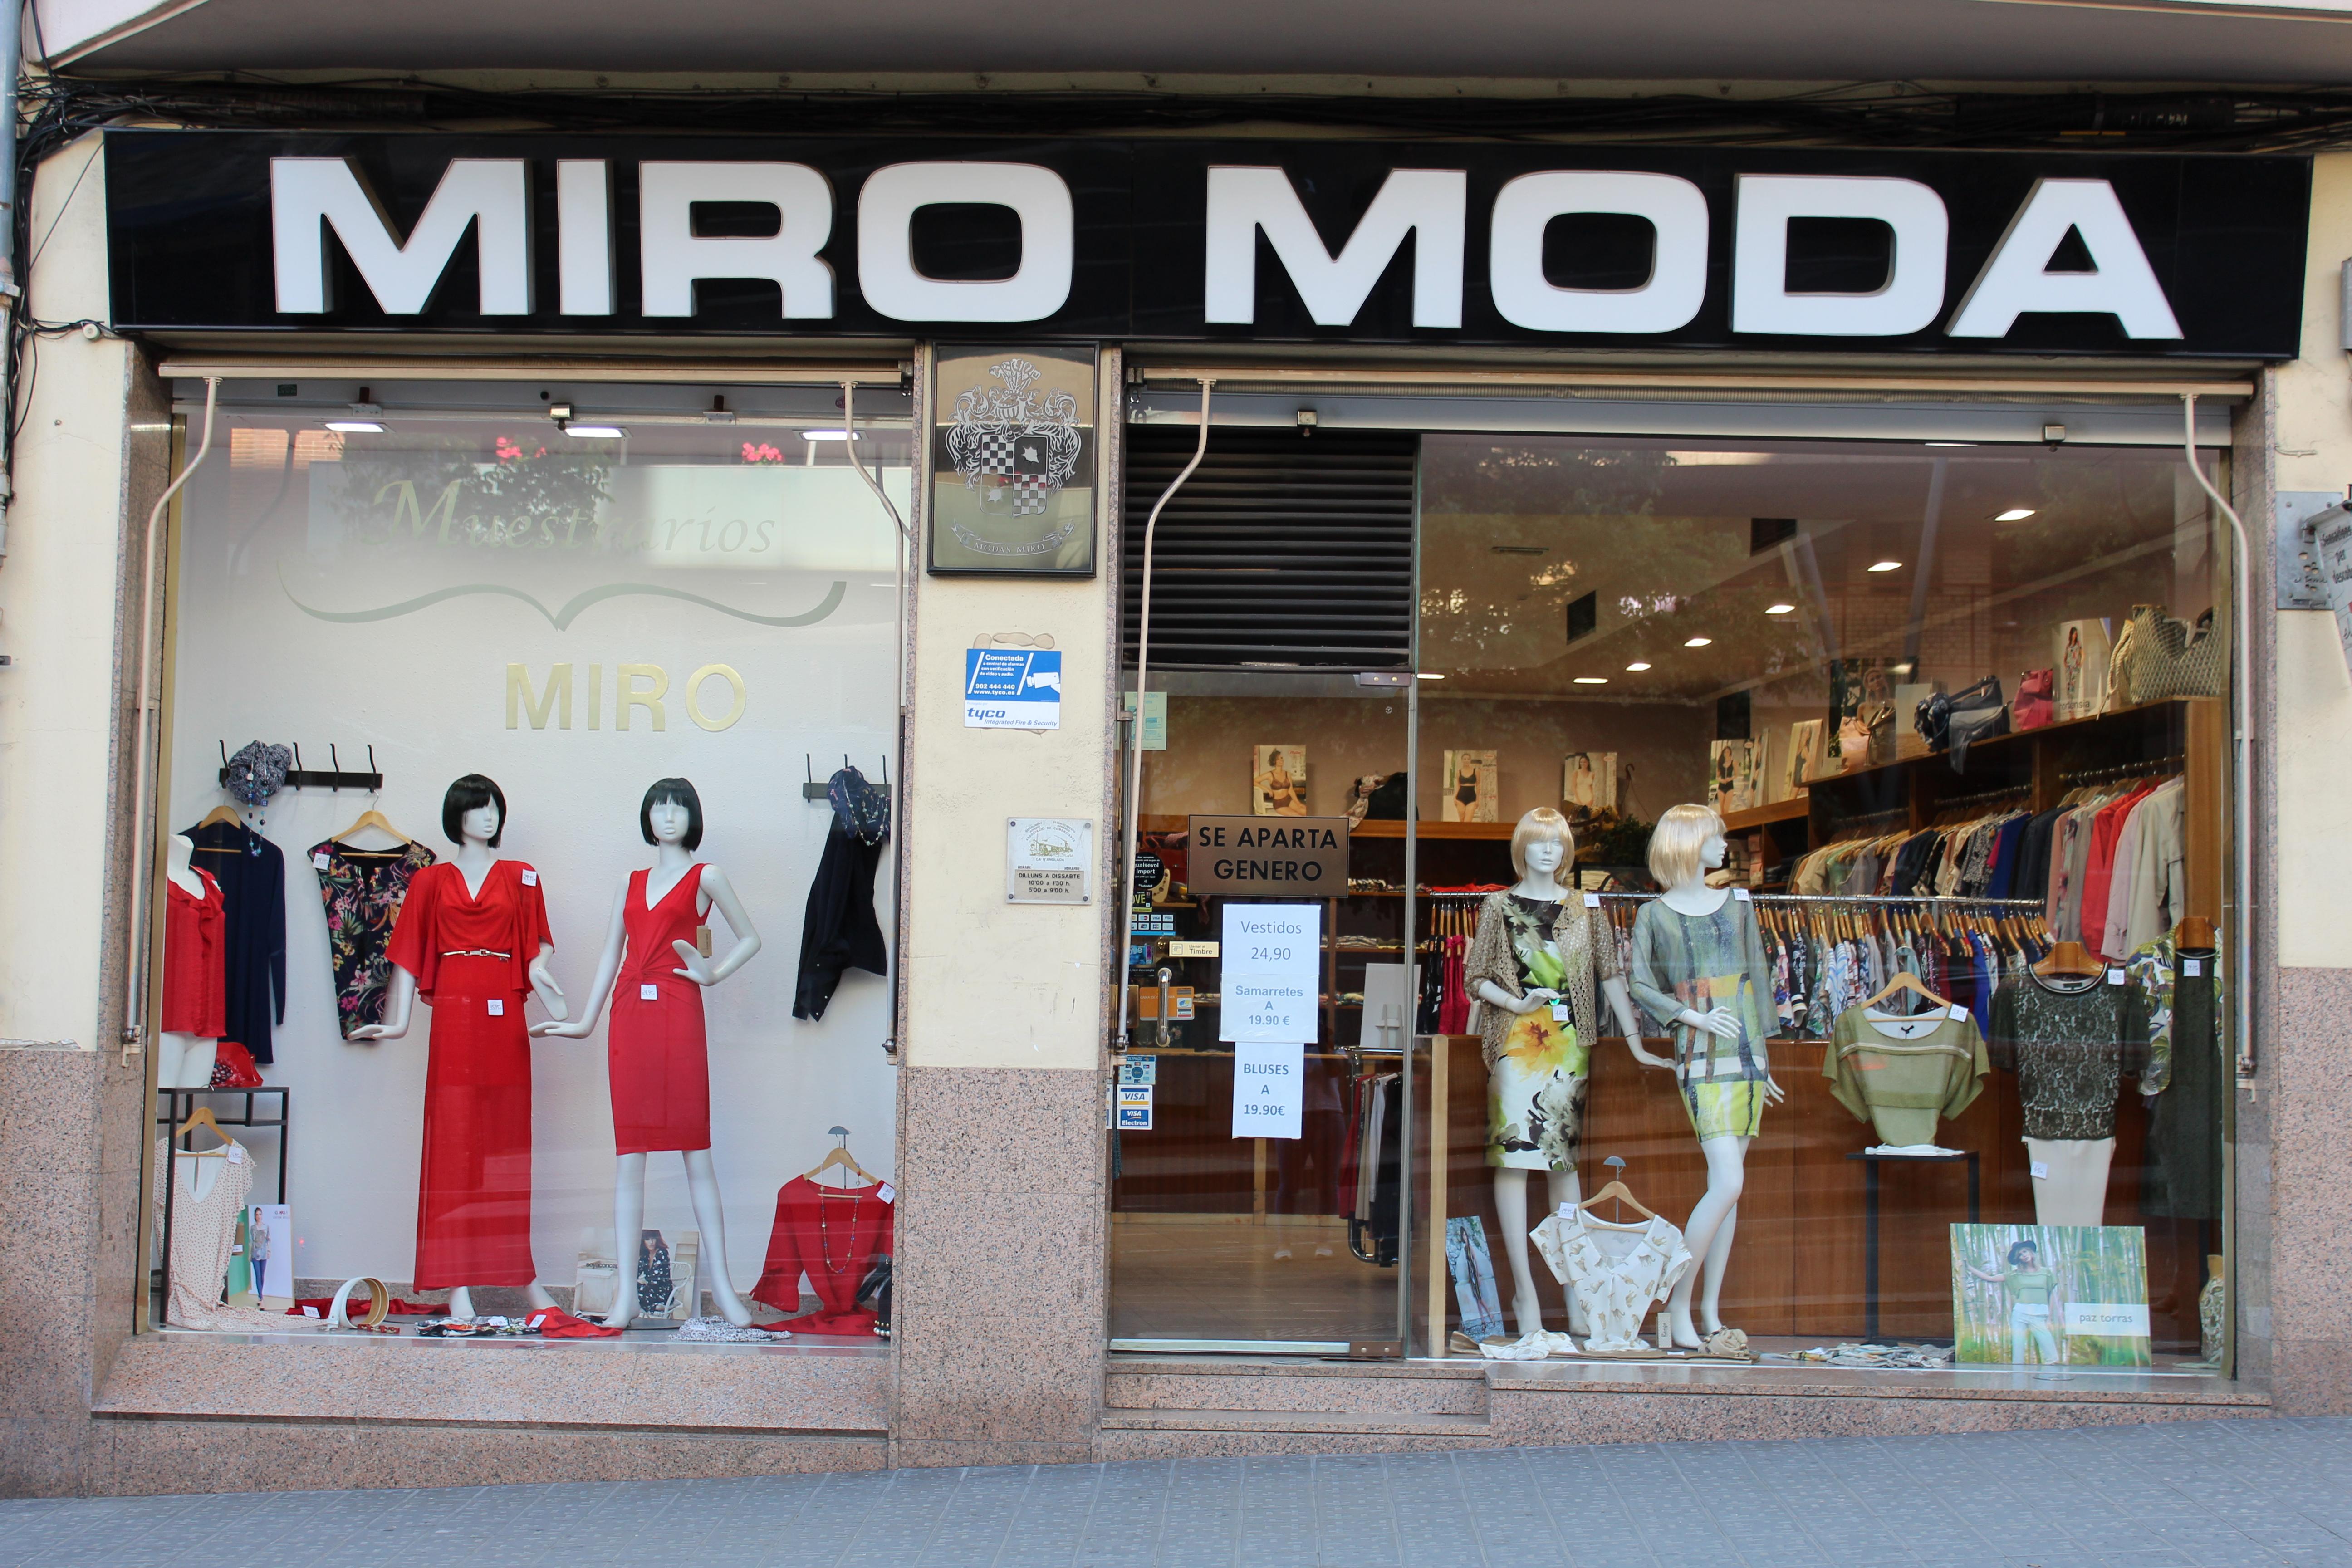 Modes Miró